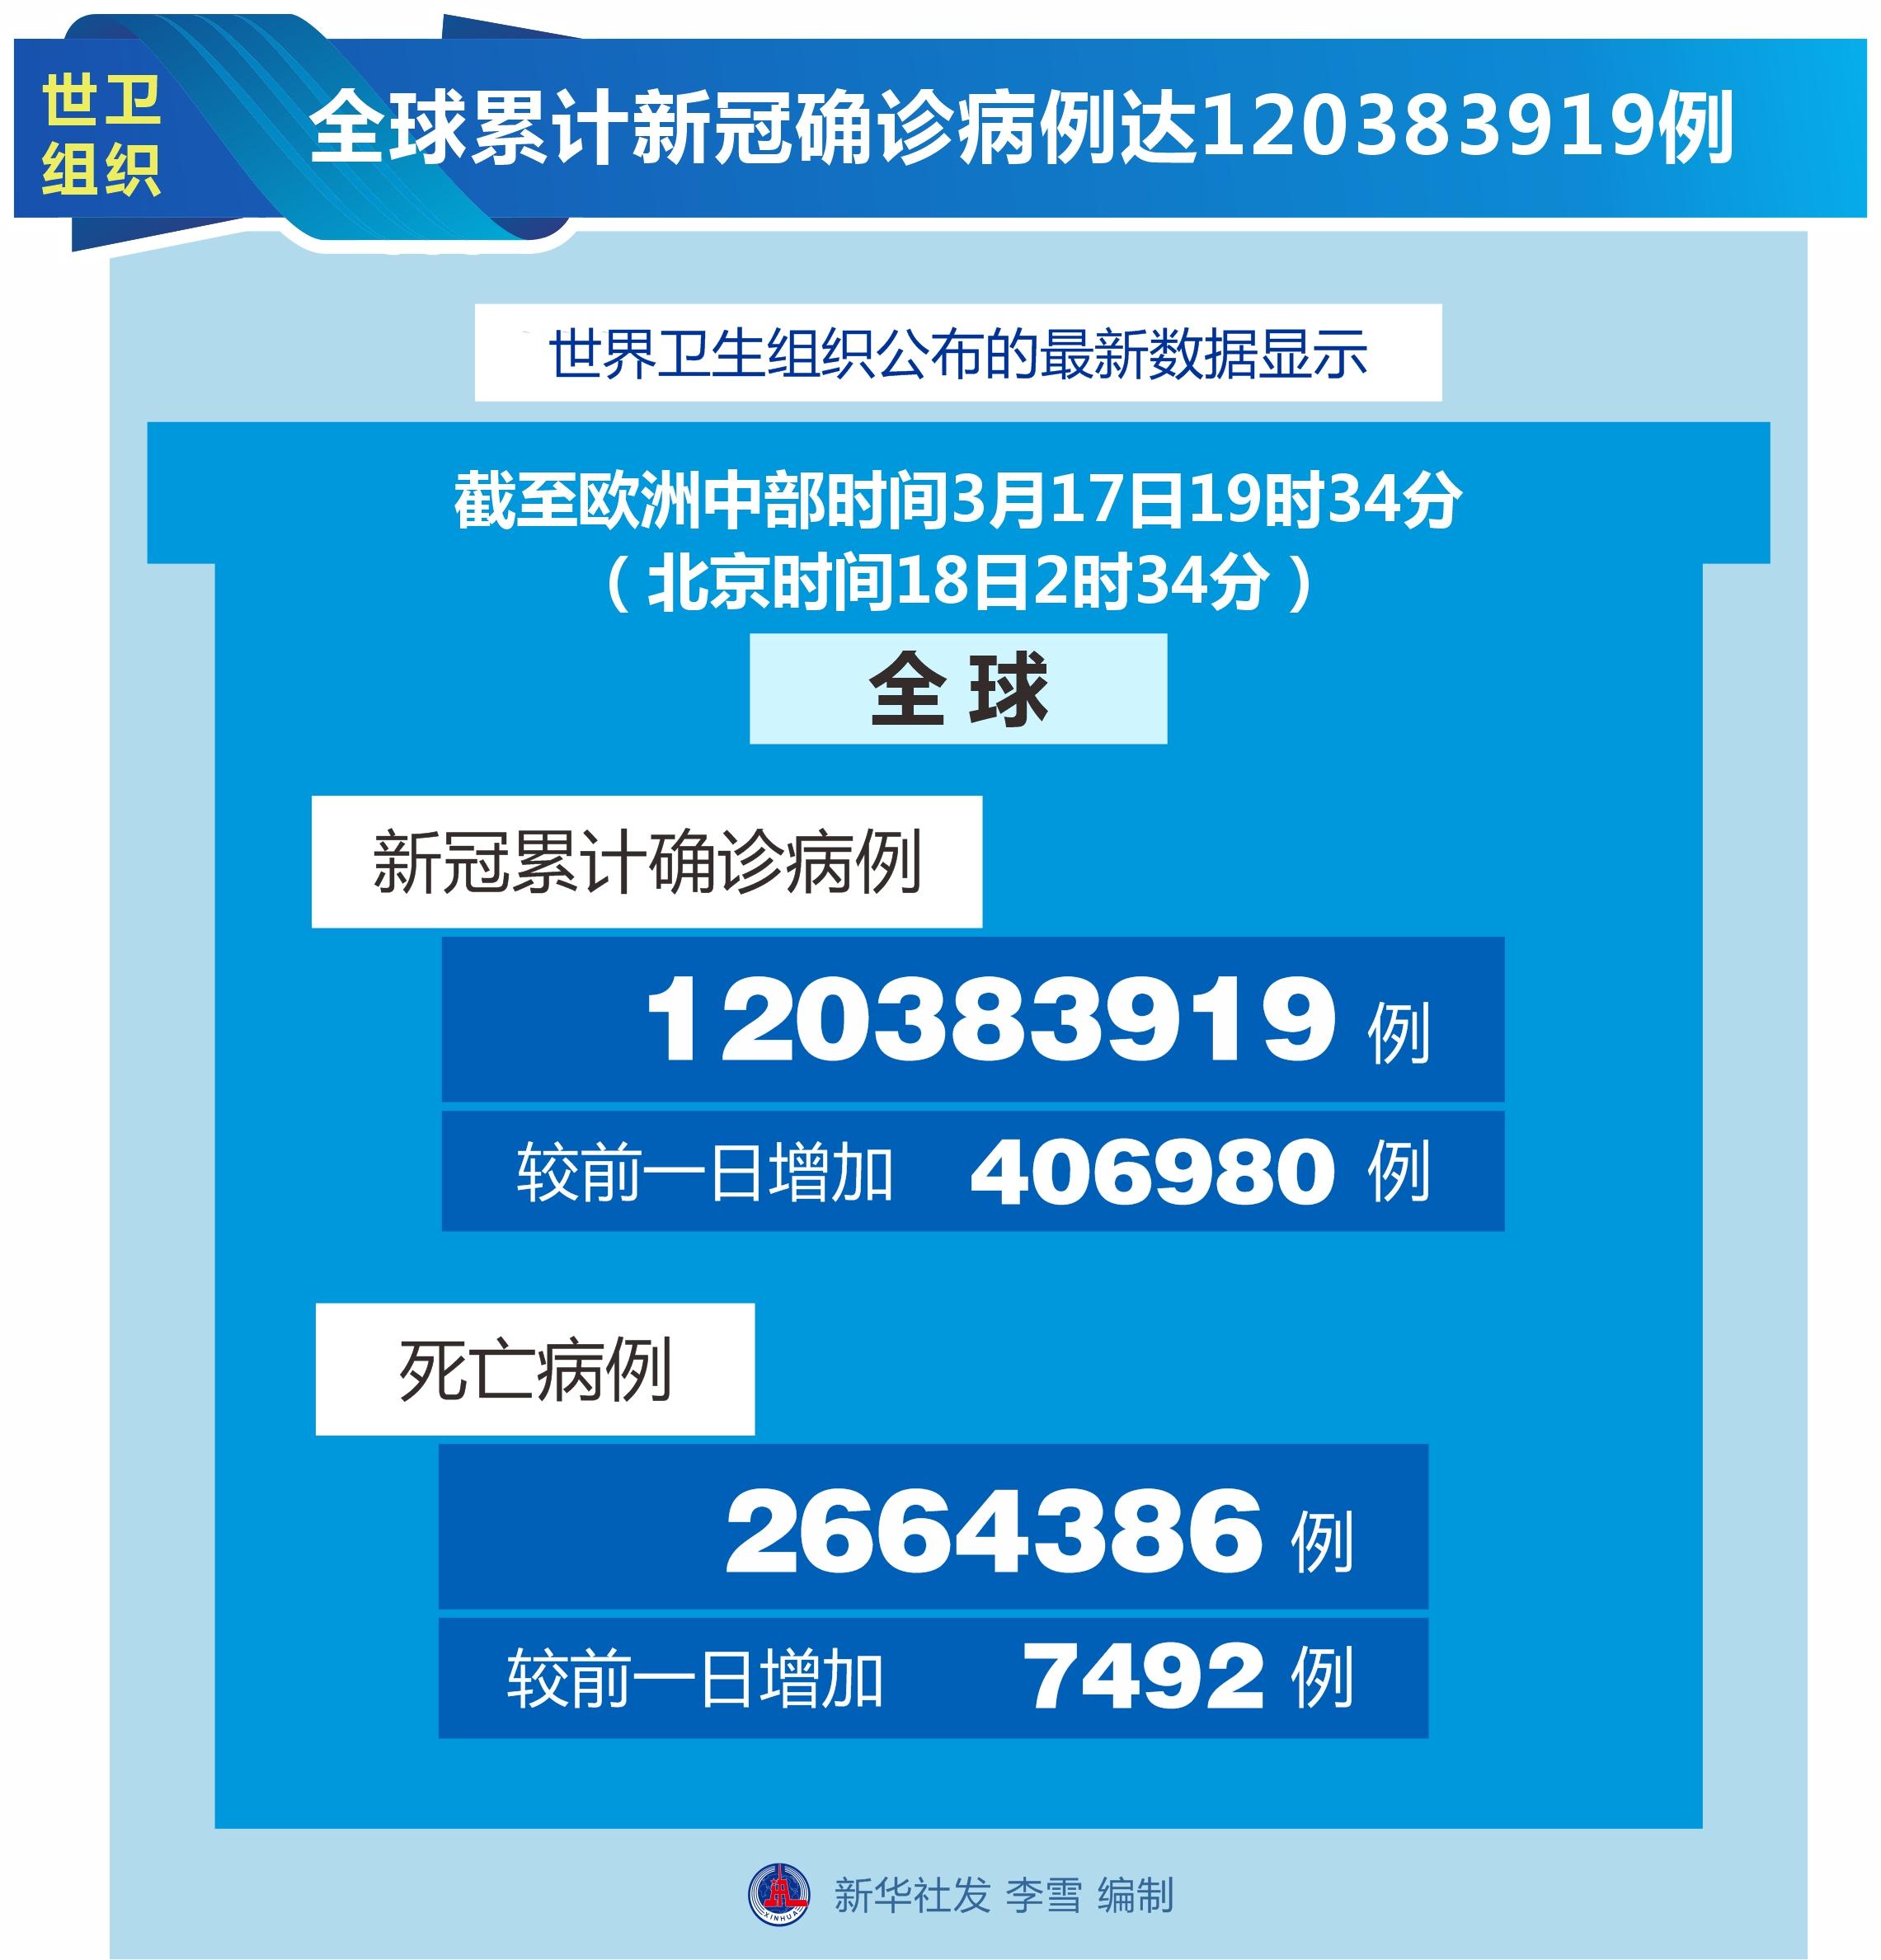 [国际疫情]世卫组织:全球新冠肺炎累计确诊病例数达到120383919例